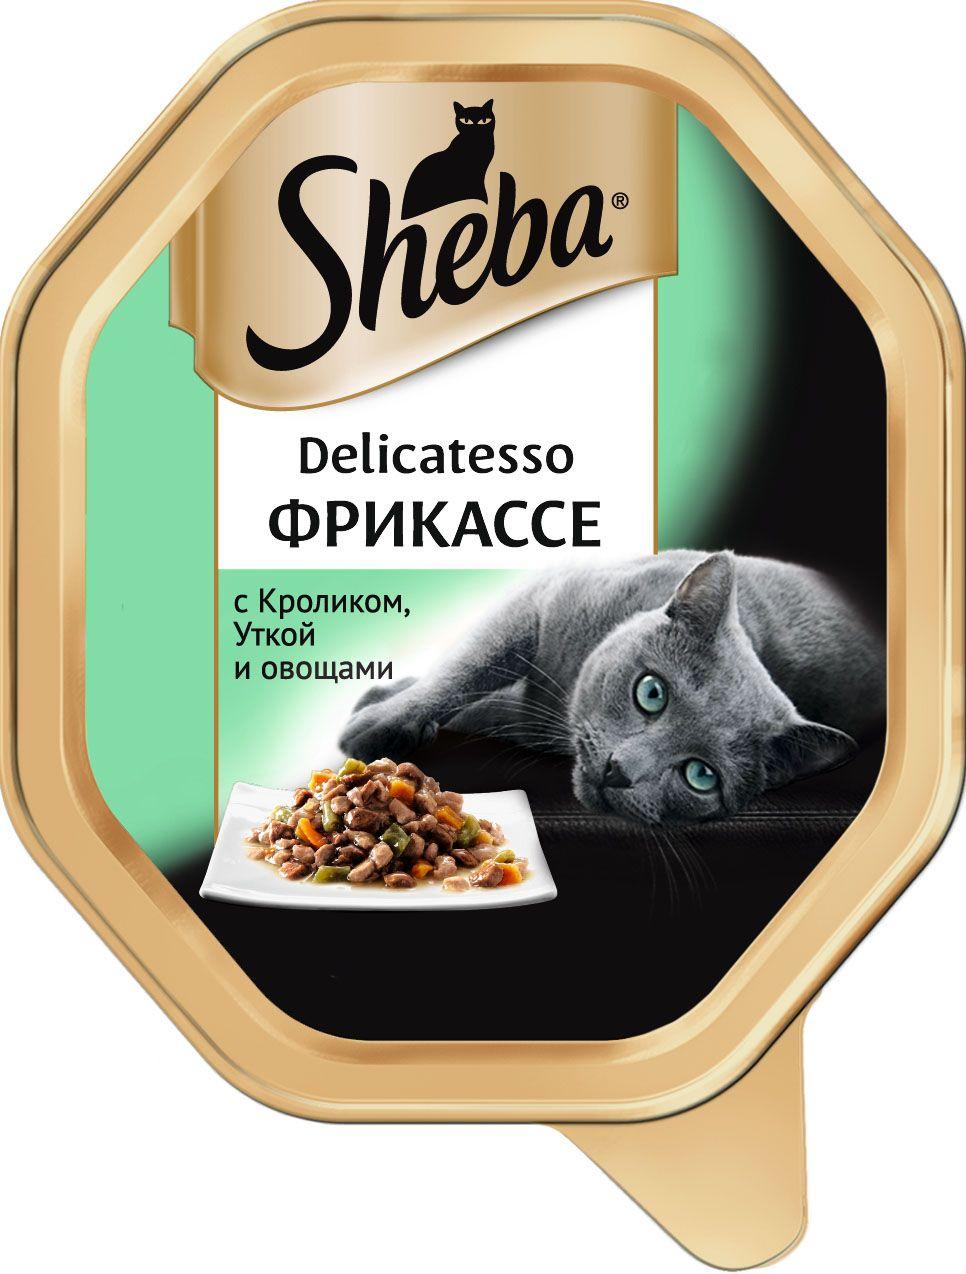 Корм консервированный Sheba Delicatesso, для взрослых кошек, от 1 года, фрикассе с кроликом, уткой и овощами, 85 г80547Что выберет ваша кошка сегодня – патэ или фрикассе? Встречайте пленительную новинку от Sheba - Delicatesso! Насыщенный мясной вкус и необычное сочетание паштета и мясных ломтиков не оставит вашу любимицу равнодушной, а особая сервировка подчеркнет все богатство вкуса изысканного деликатеса!